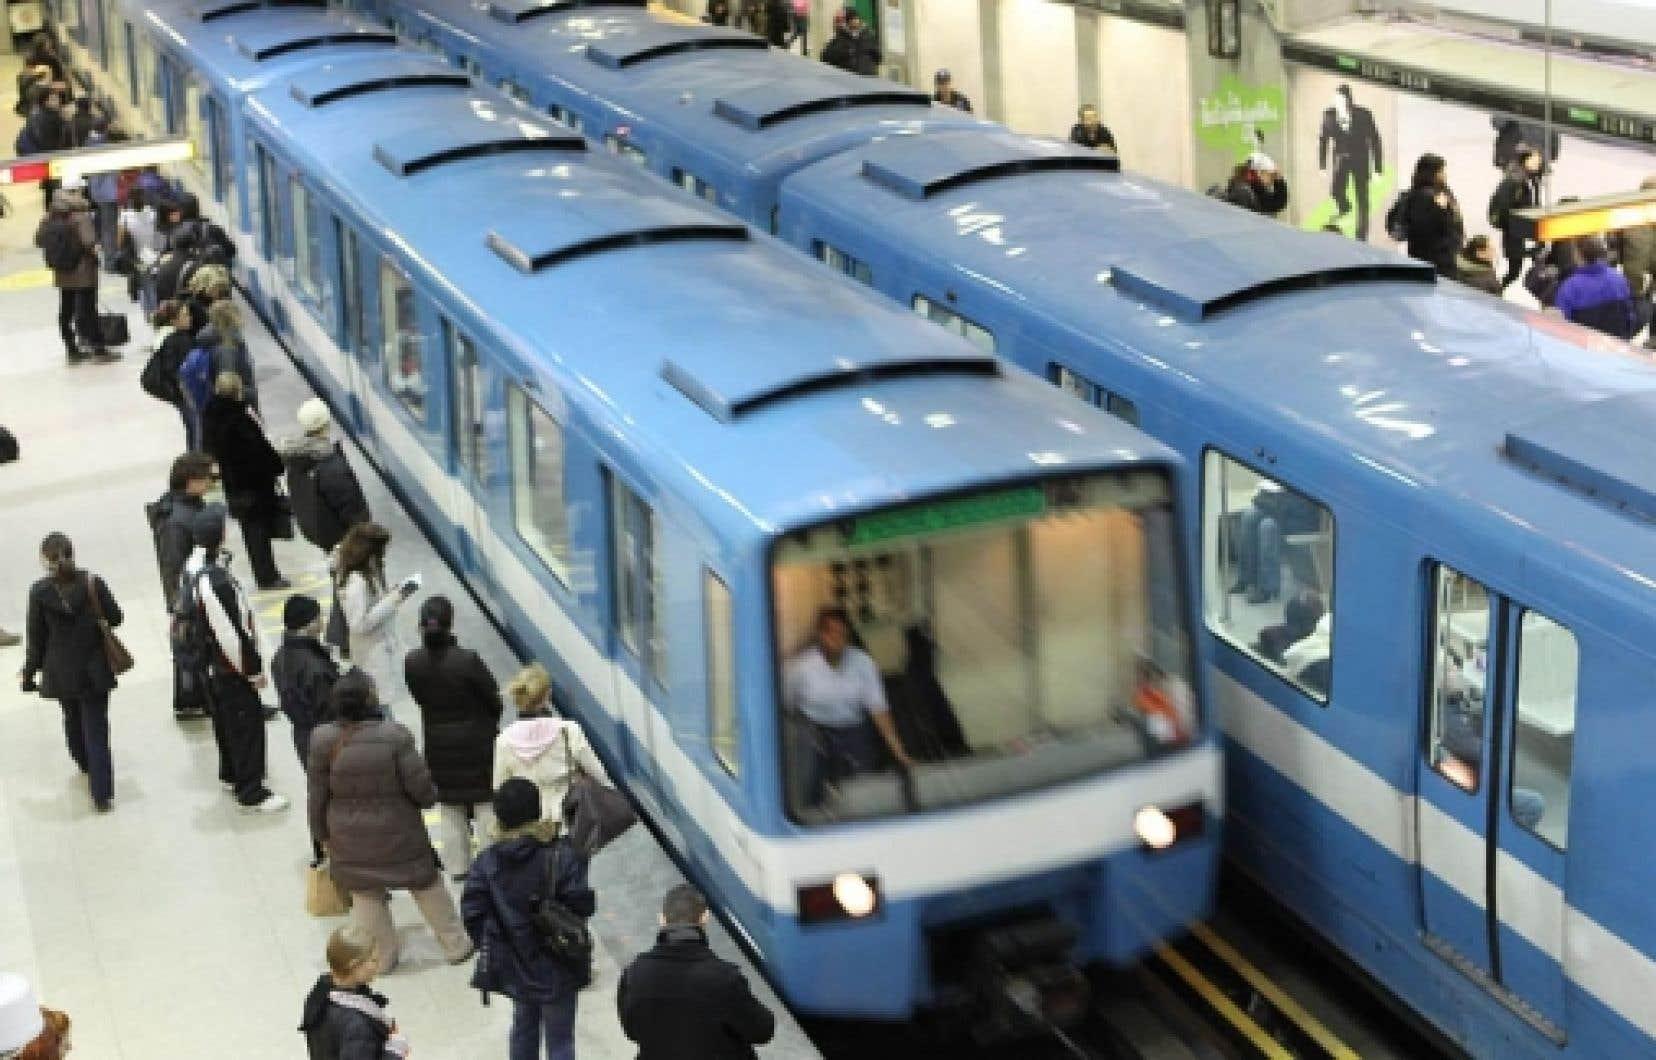 En raison de la courte distance entre les stations, l'acier n'est pas avantageux et ne permet pas de faire de réelles économies, selon Carl Desrosiers, directeur exécutif de l'exploitation du métro.